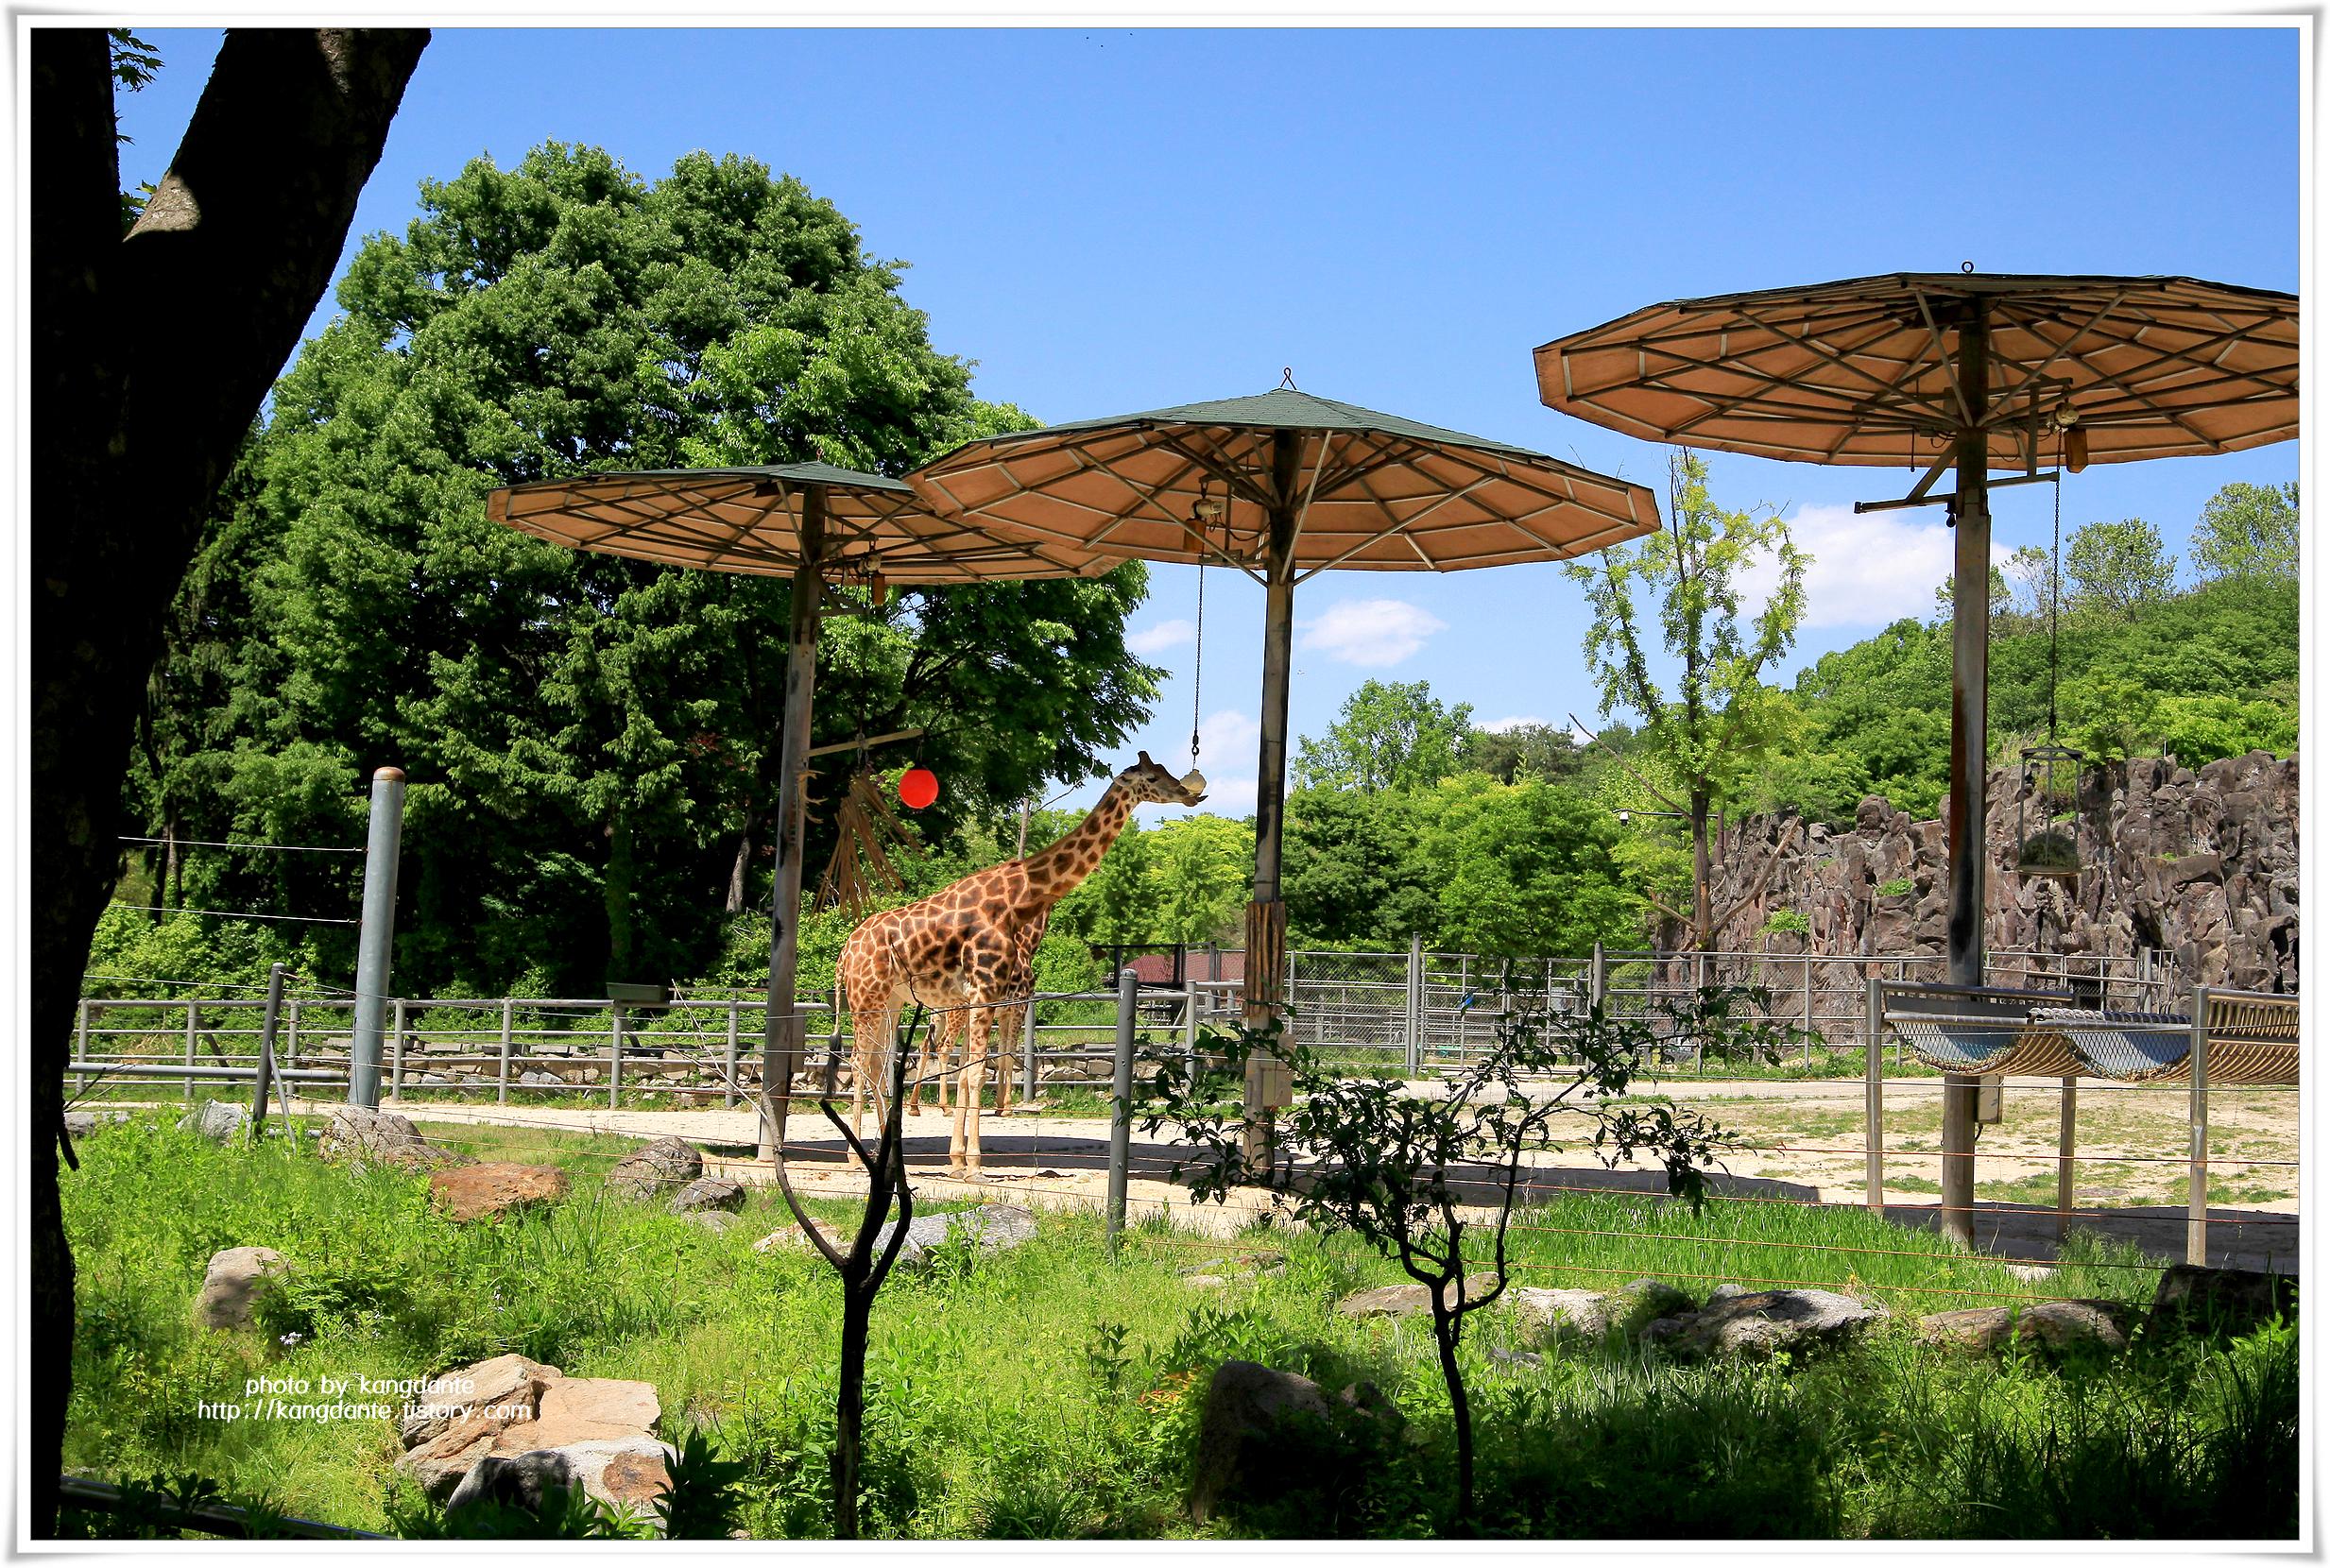 서울대공원 동물원의 다양한 동물들